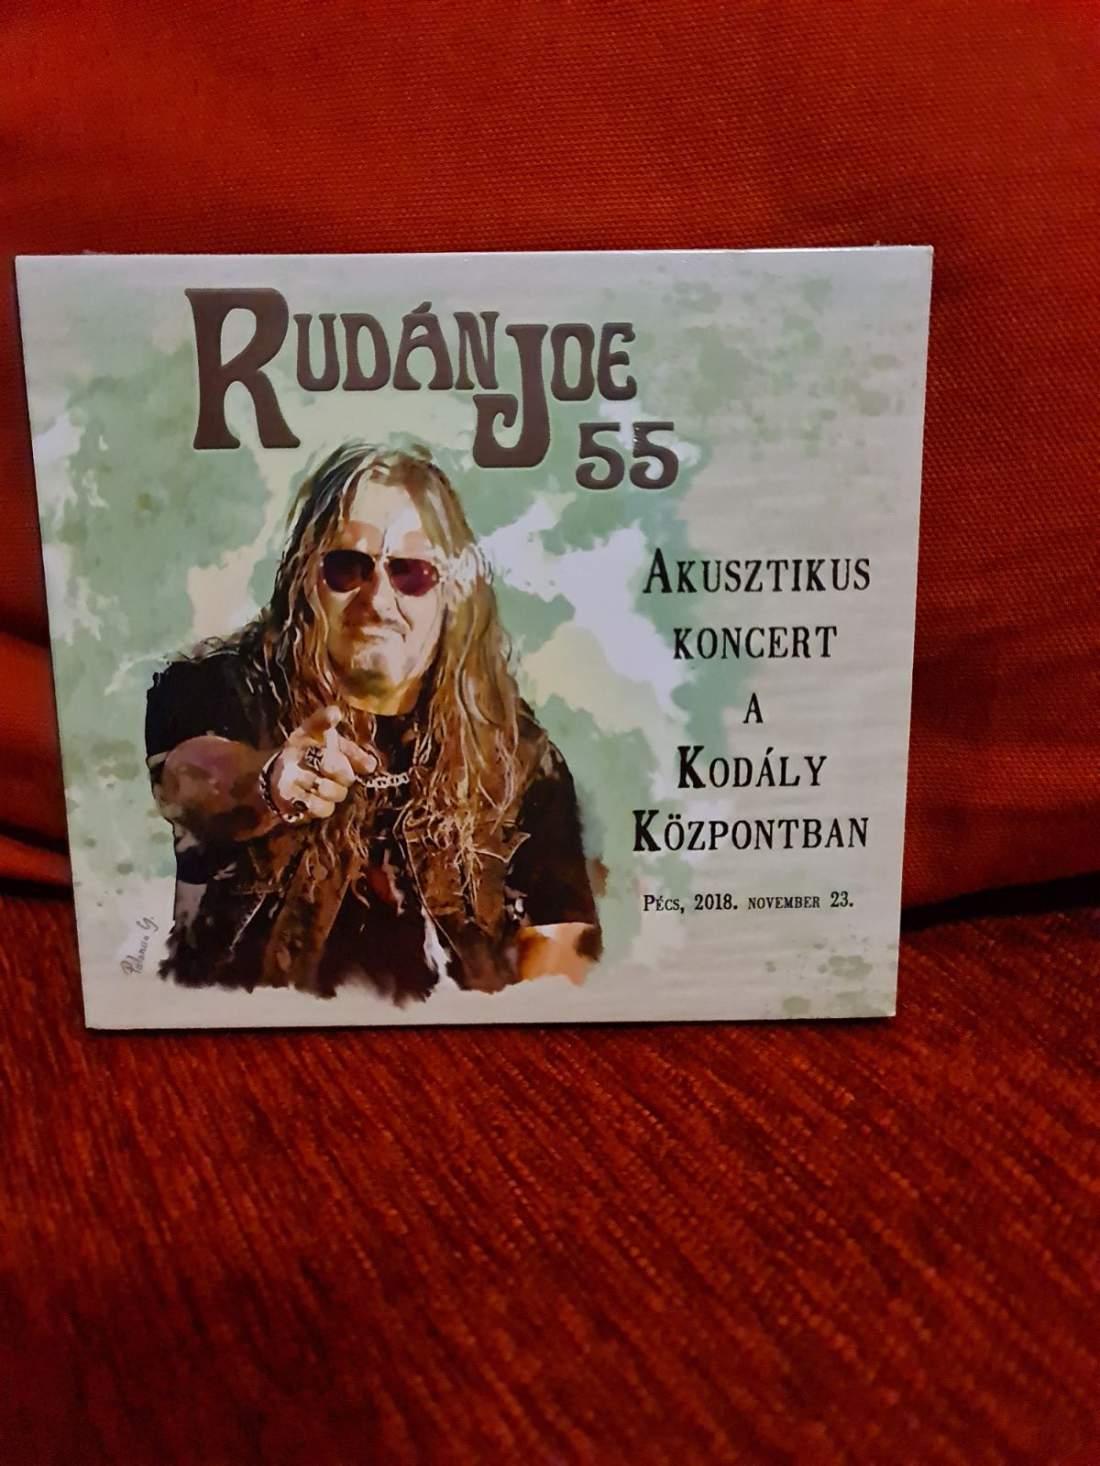 RUDÁN JOE - 55 - AKUSZTIKUS KONCERT A KODÁLY KÖZPONTBAN 2CD